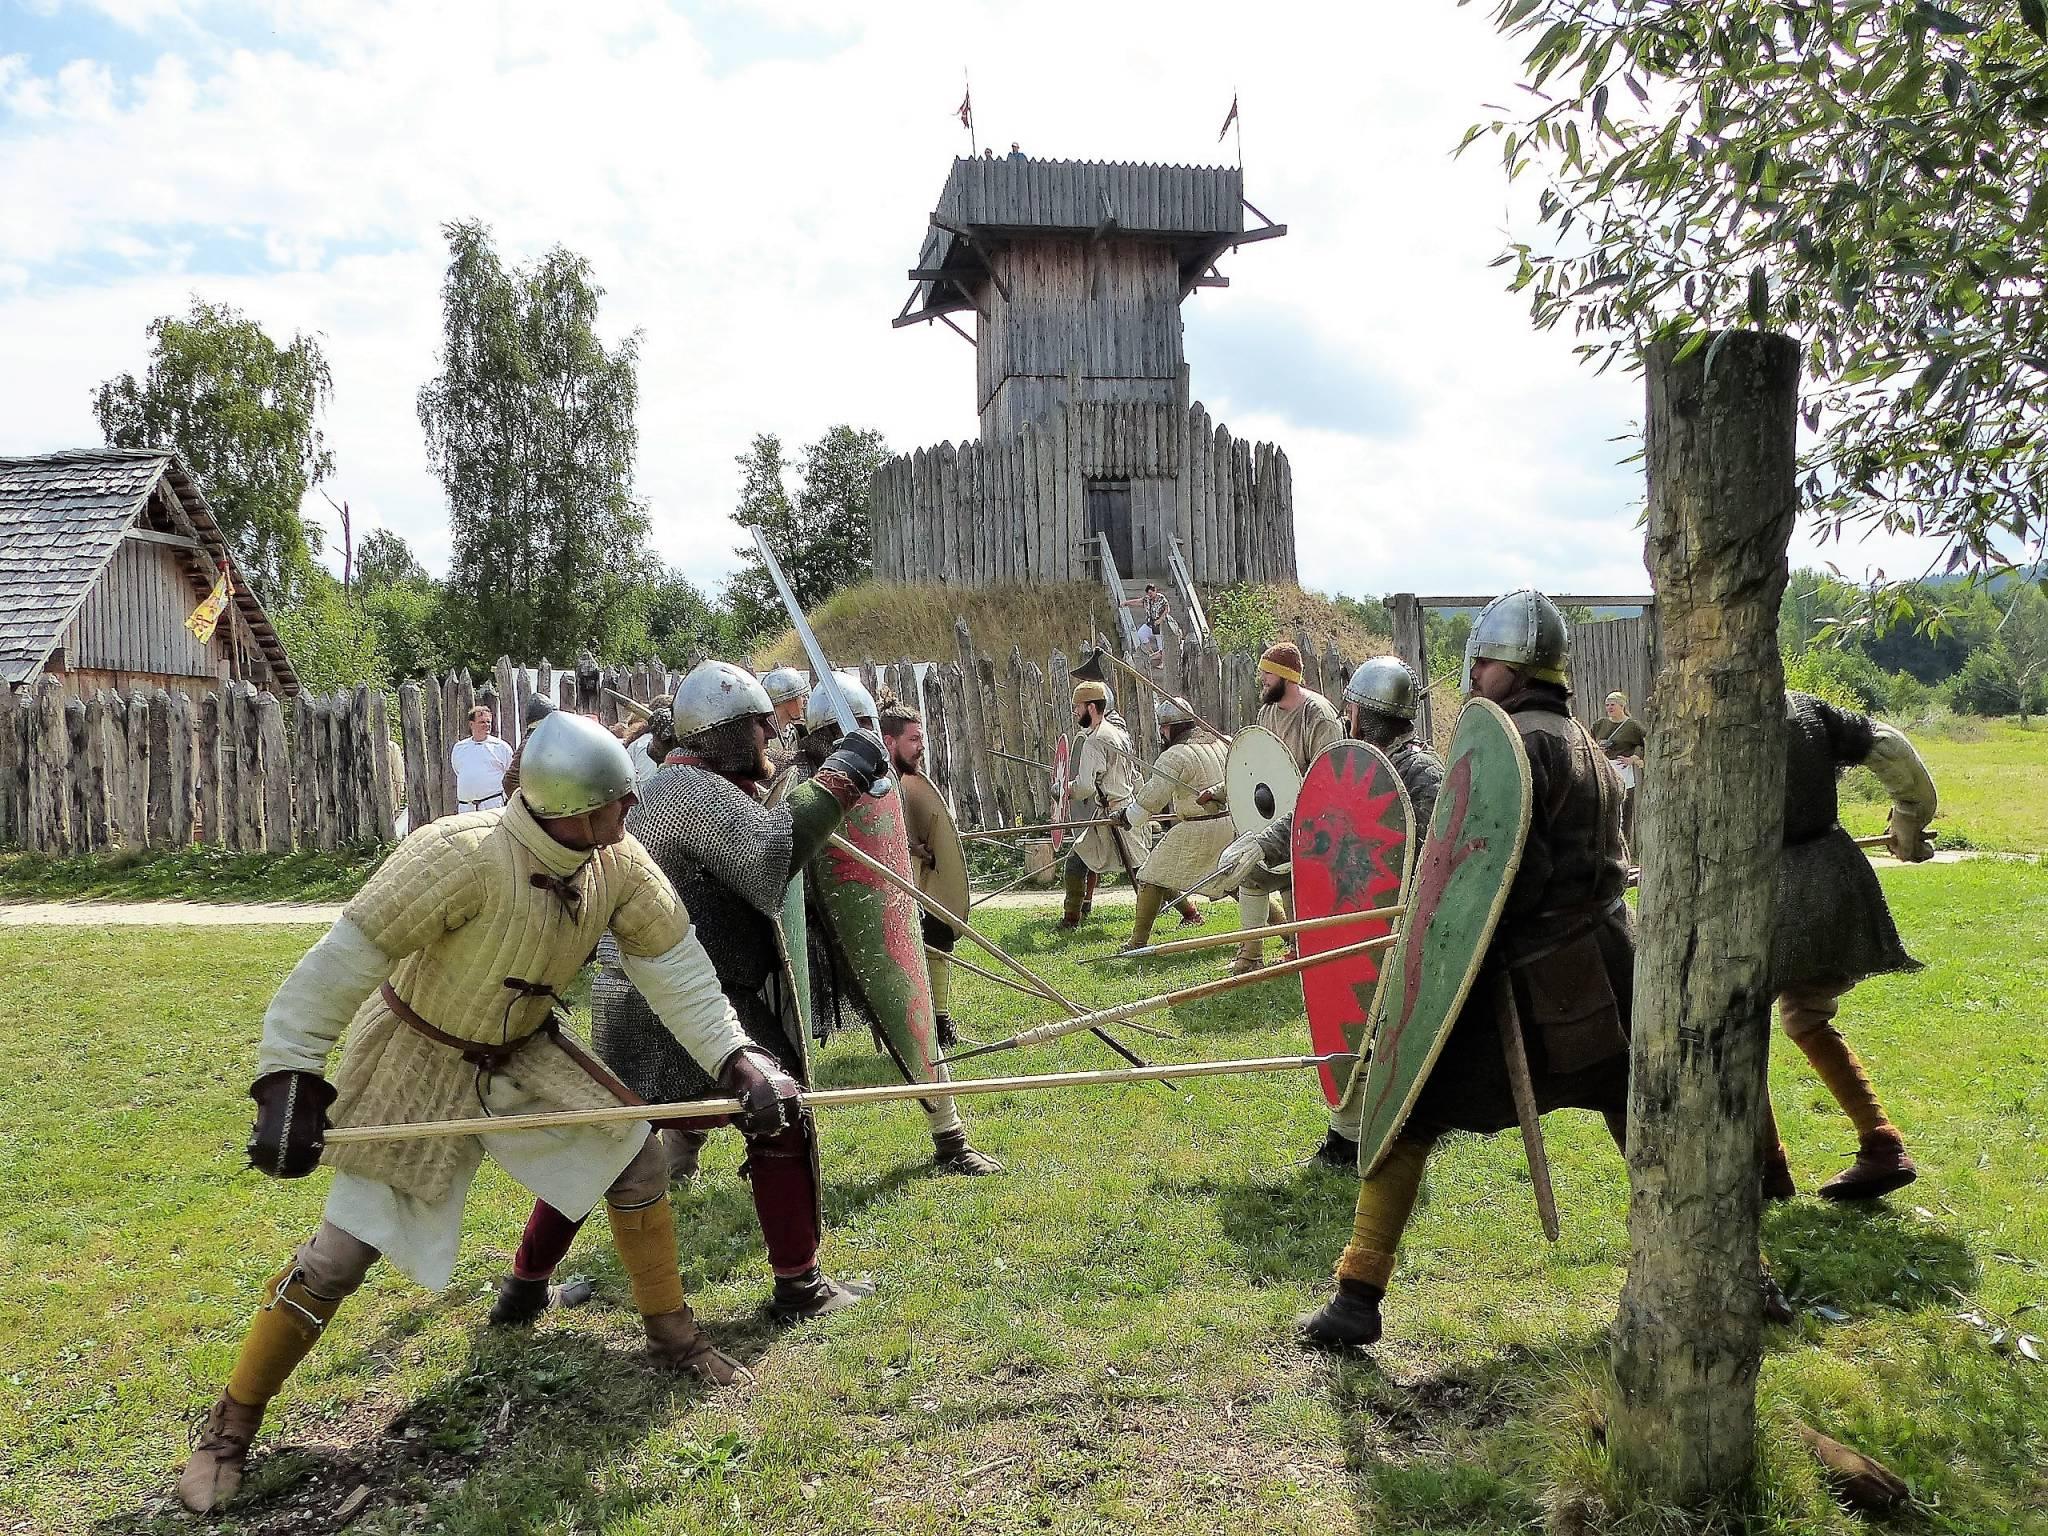 Kampfübungen beim Mittelalterlichen Militärmanöver